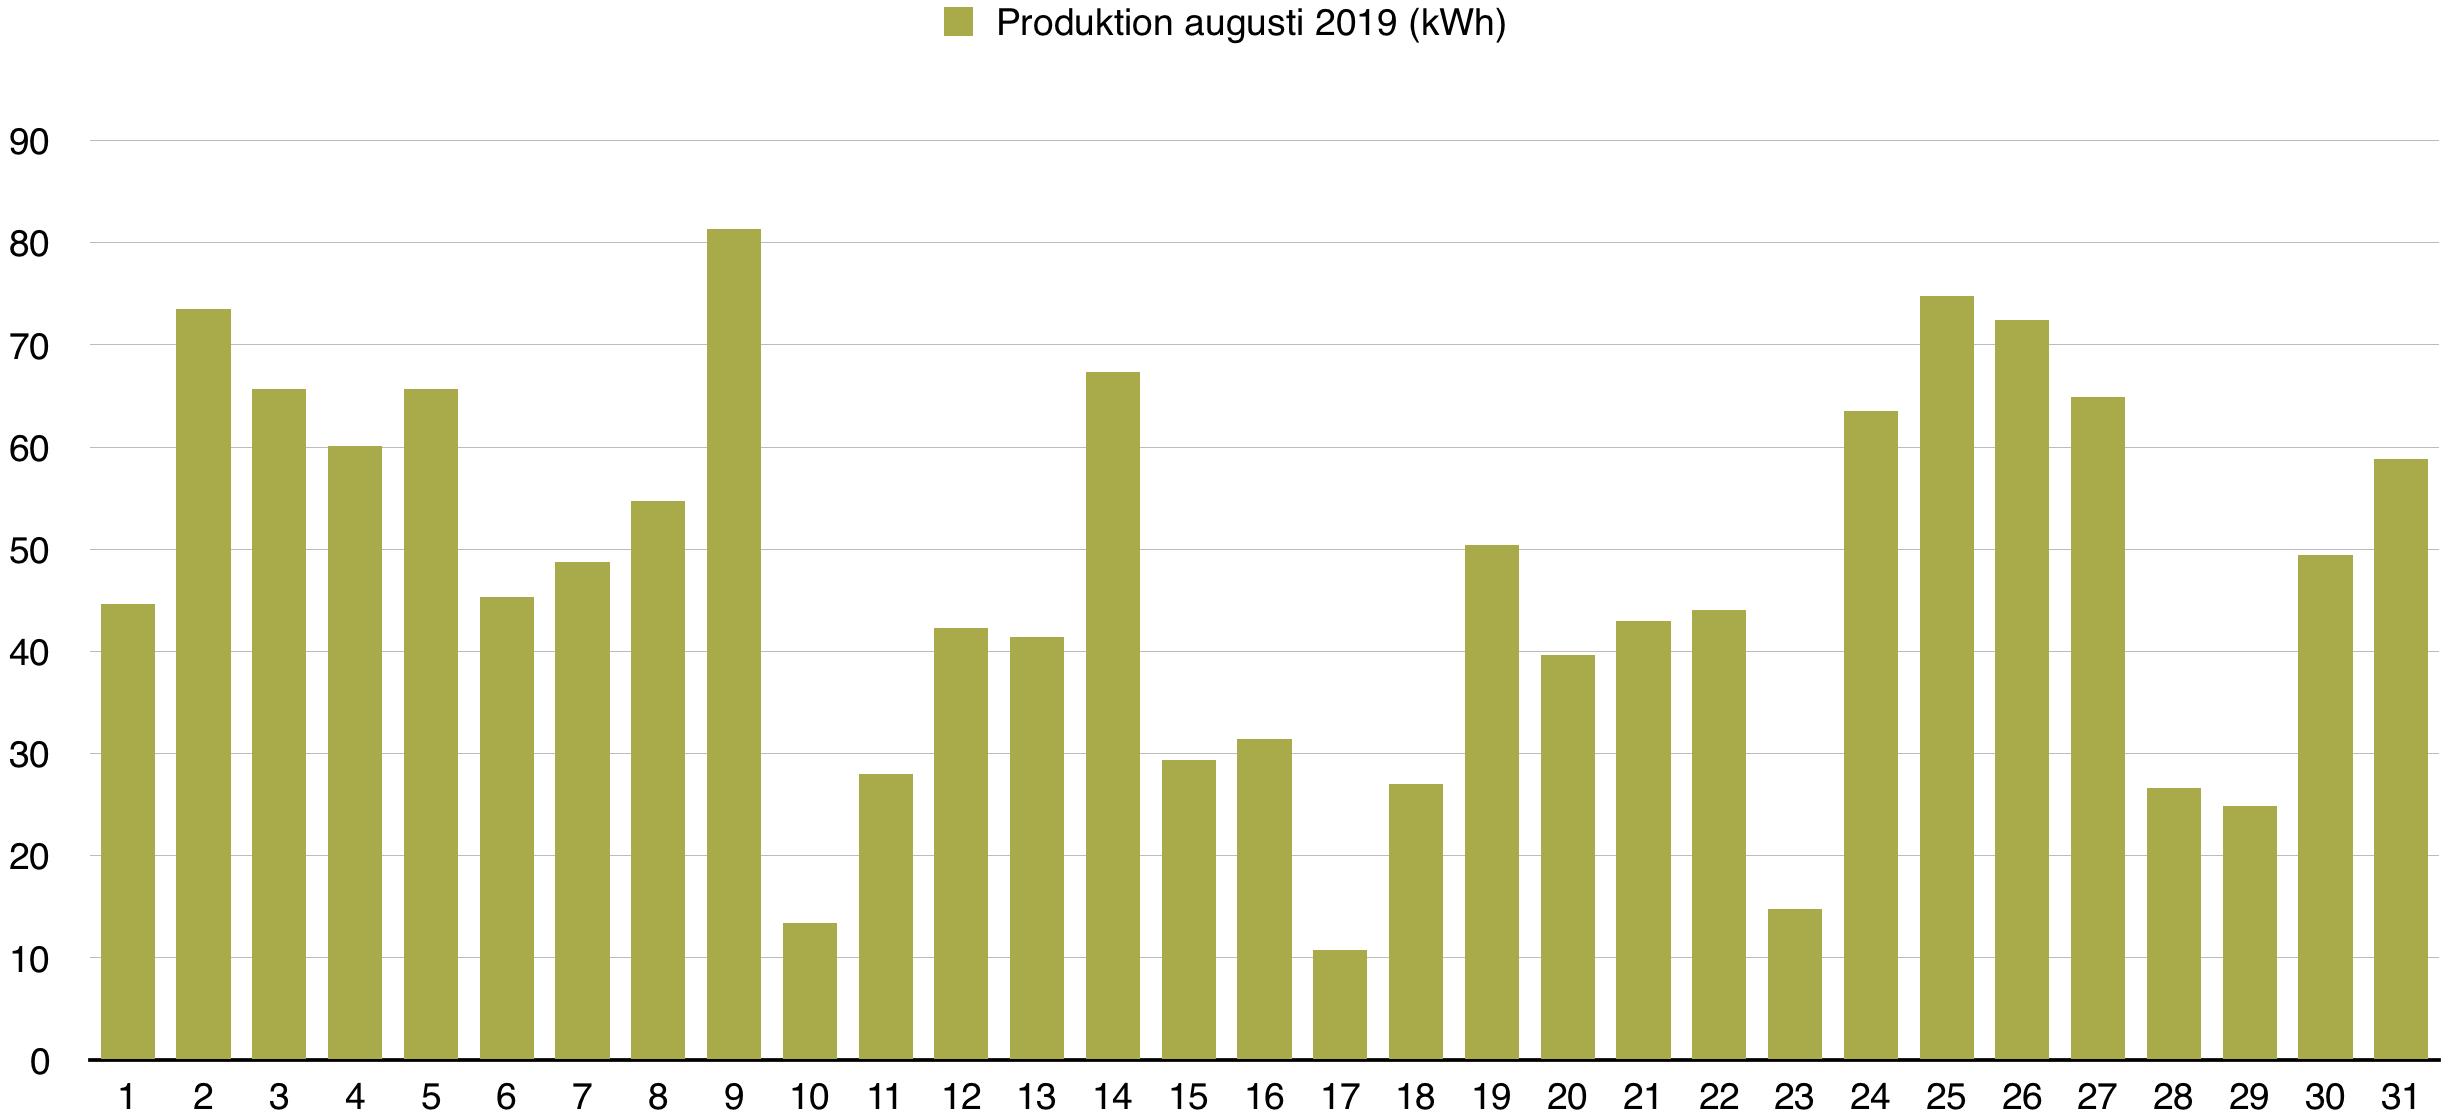 Solceller - Dagsproduktion för augusti 2019